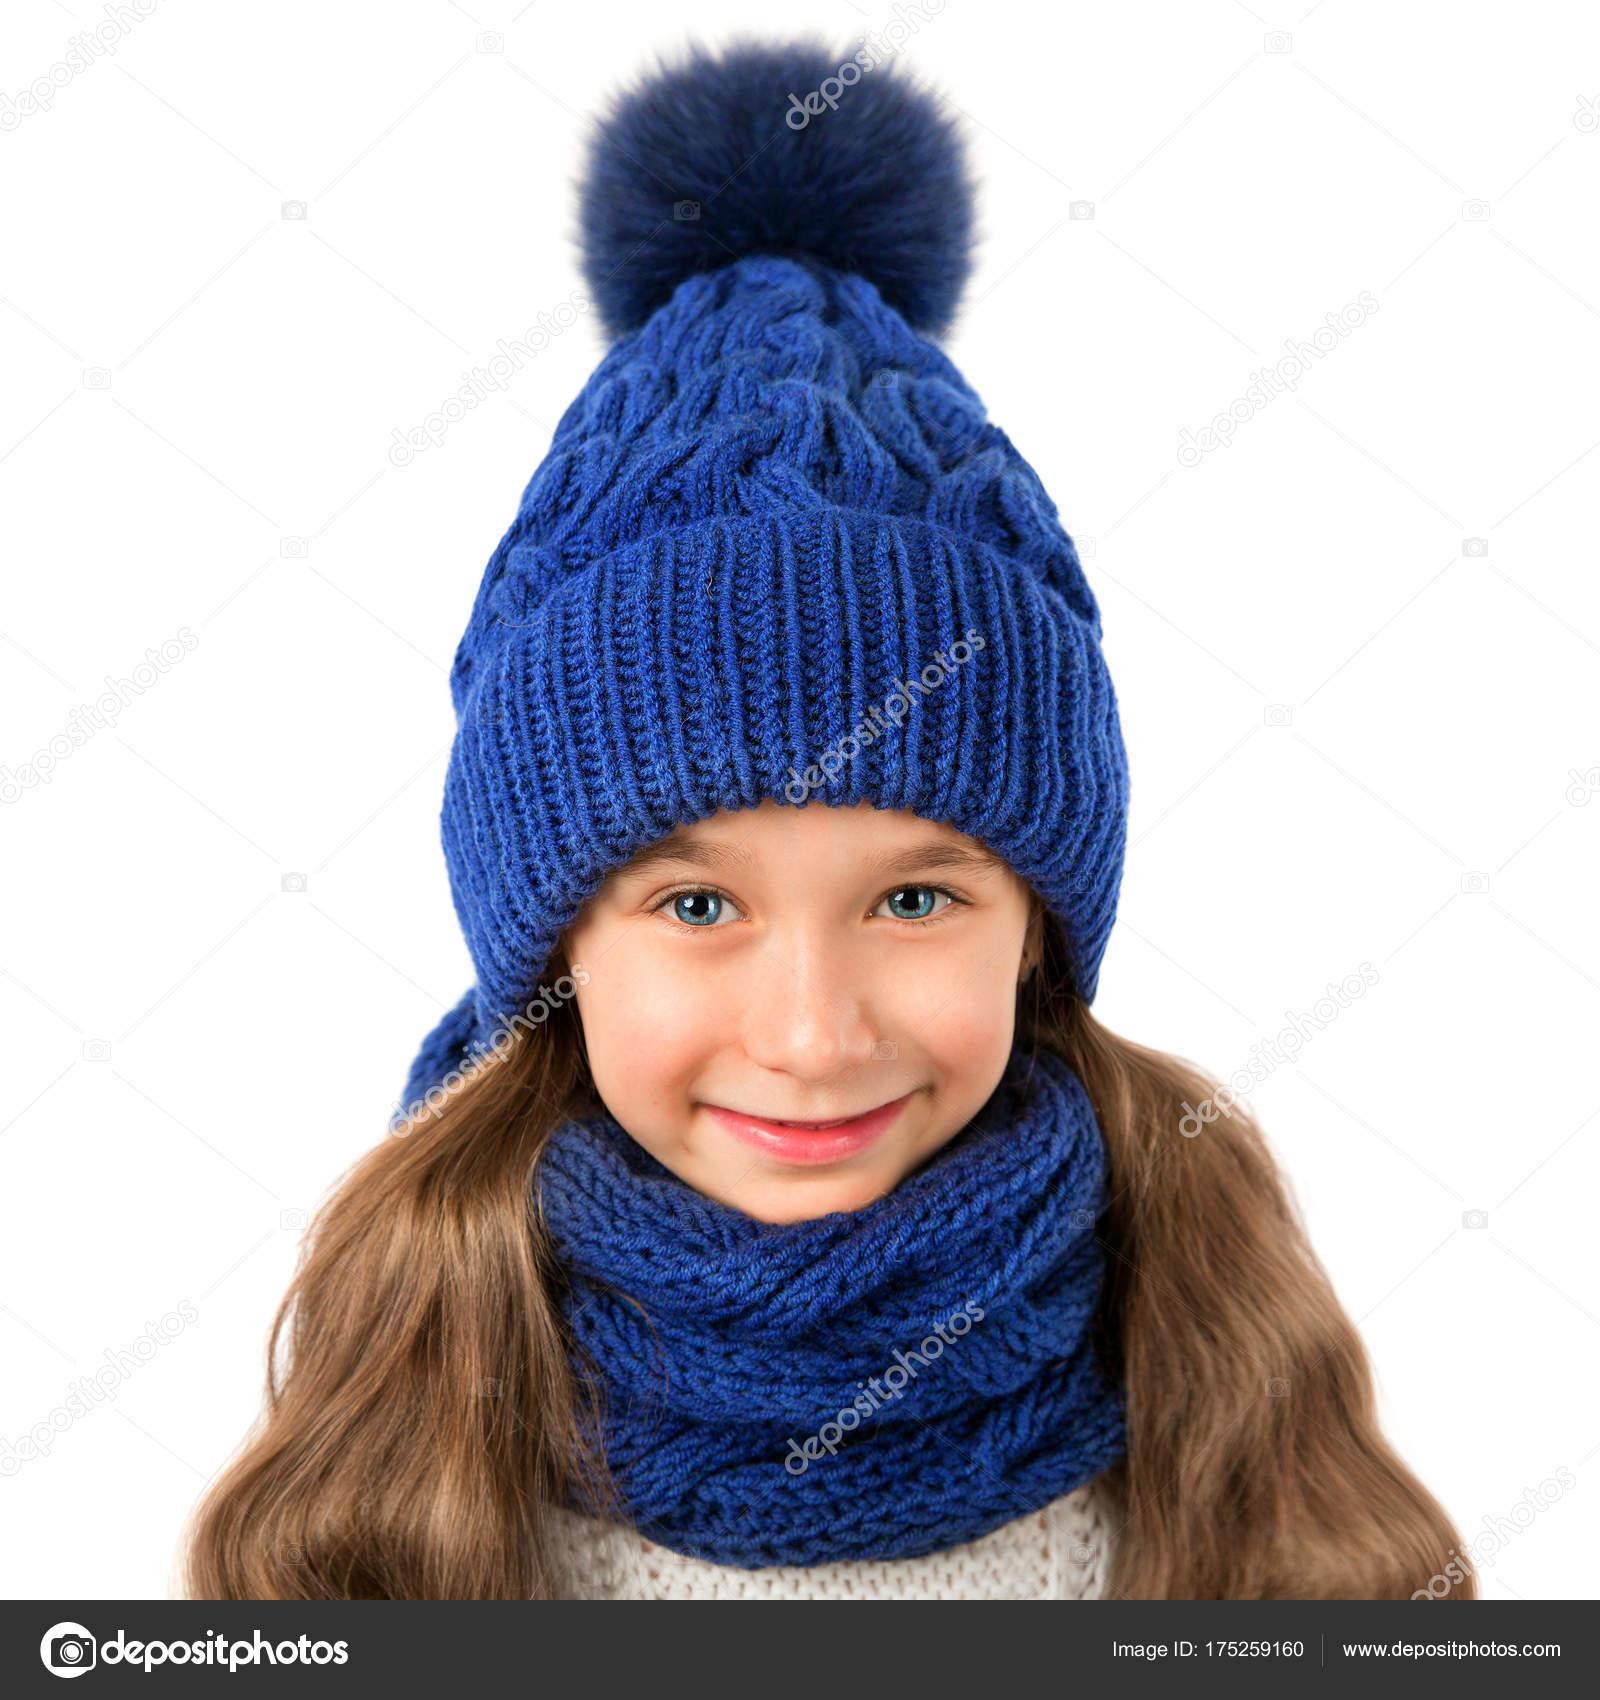 Hermosa niña de gorro azul de invierno y bufanda aislado sobre fondo  blanco. Ropa de invierno de niños - fotos  gorros de lana para niños — Foto  de ... 43a6131ed2a